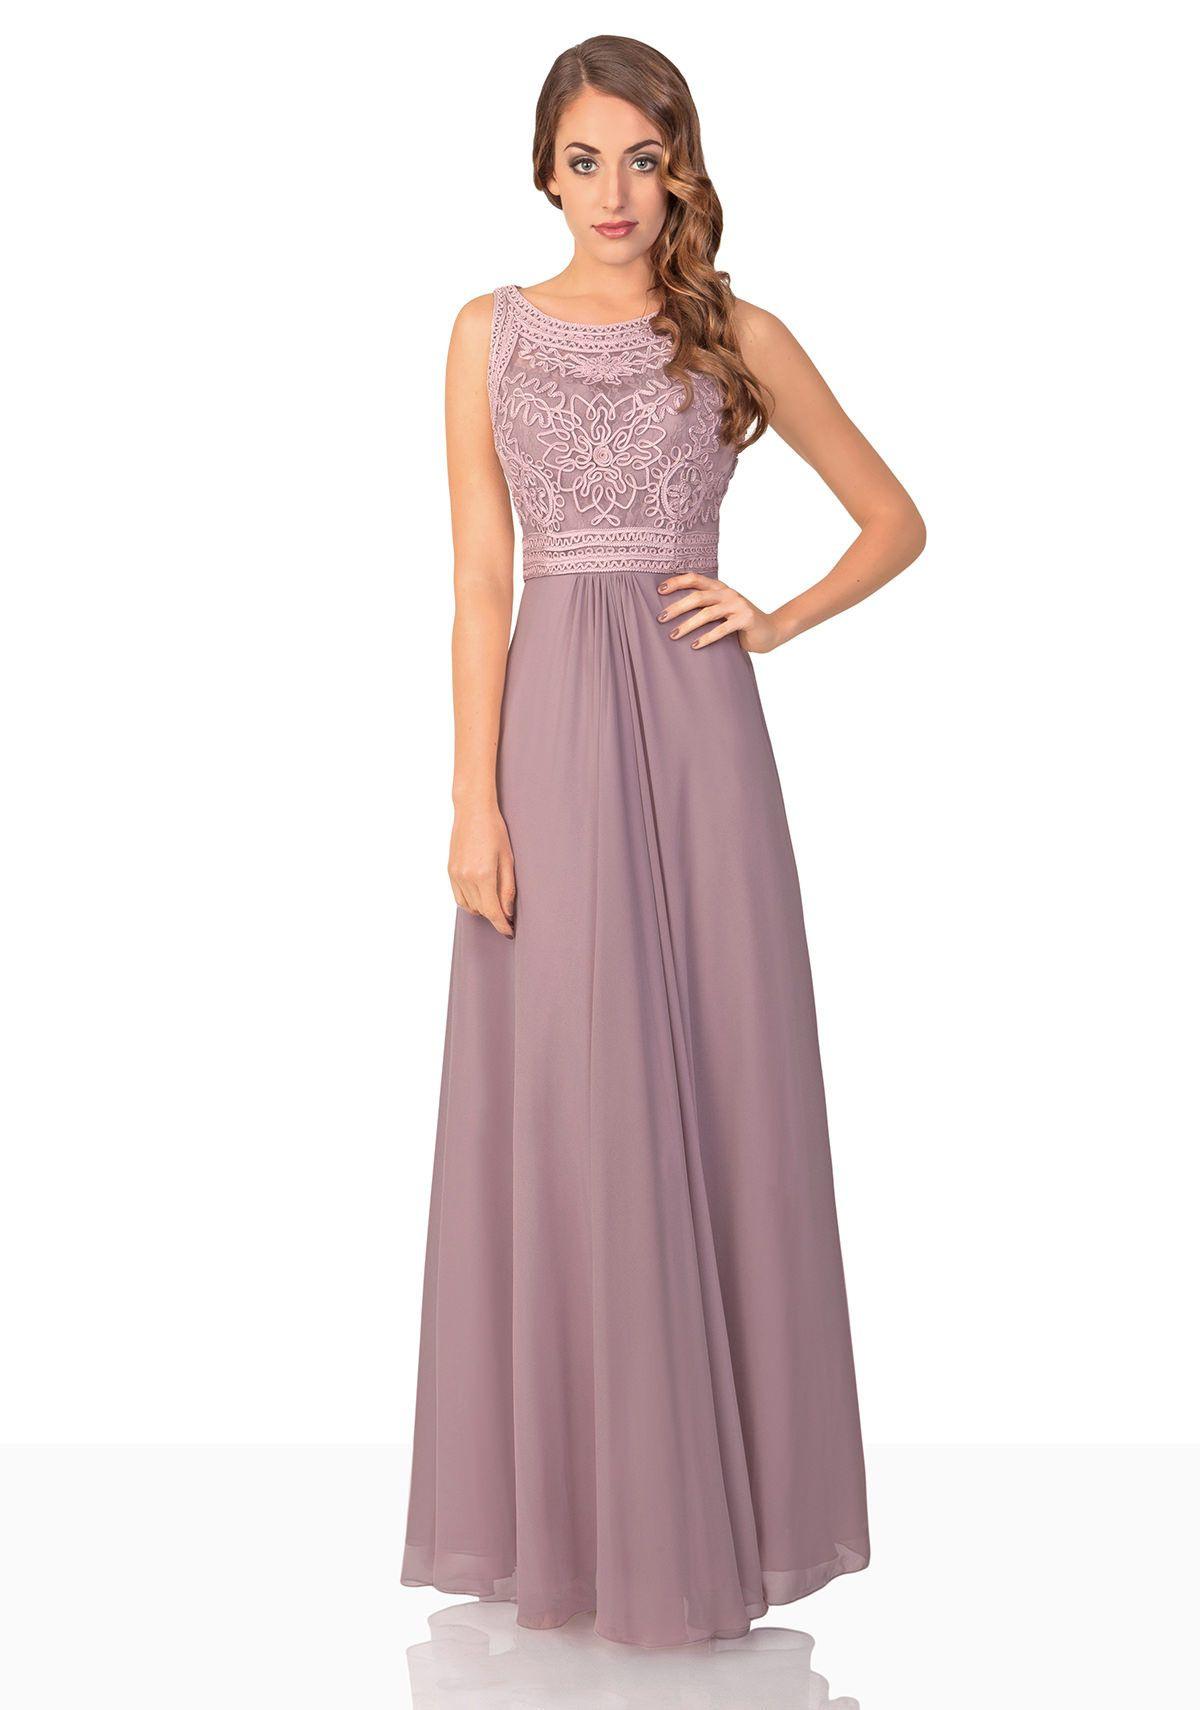 Erstaunlich Altrosa Kleid Lang Galerie13 Schön Altrosa Kleid Lang Vertrieb